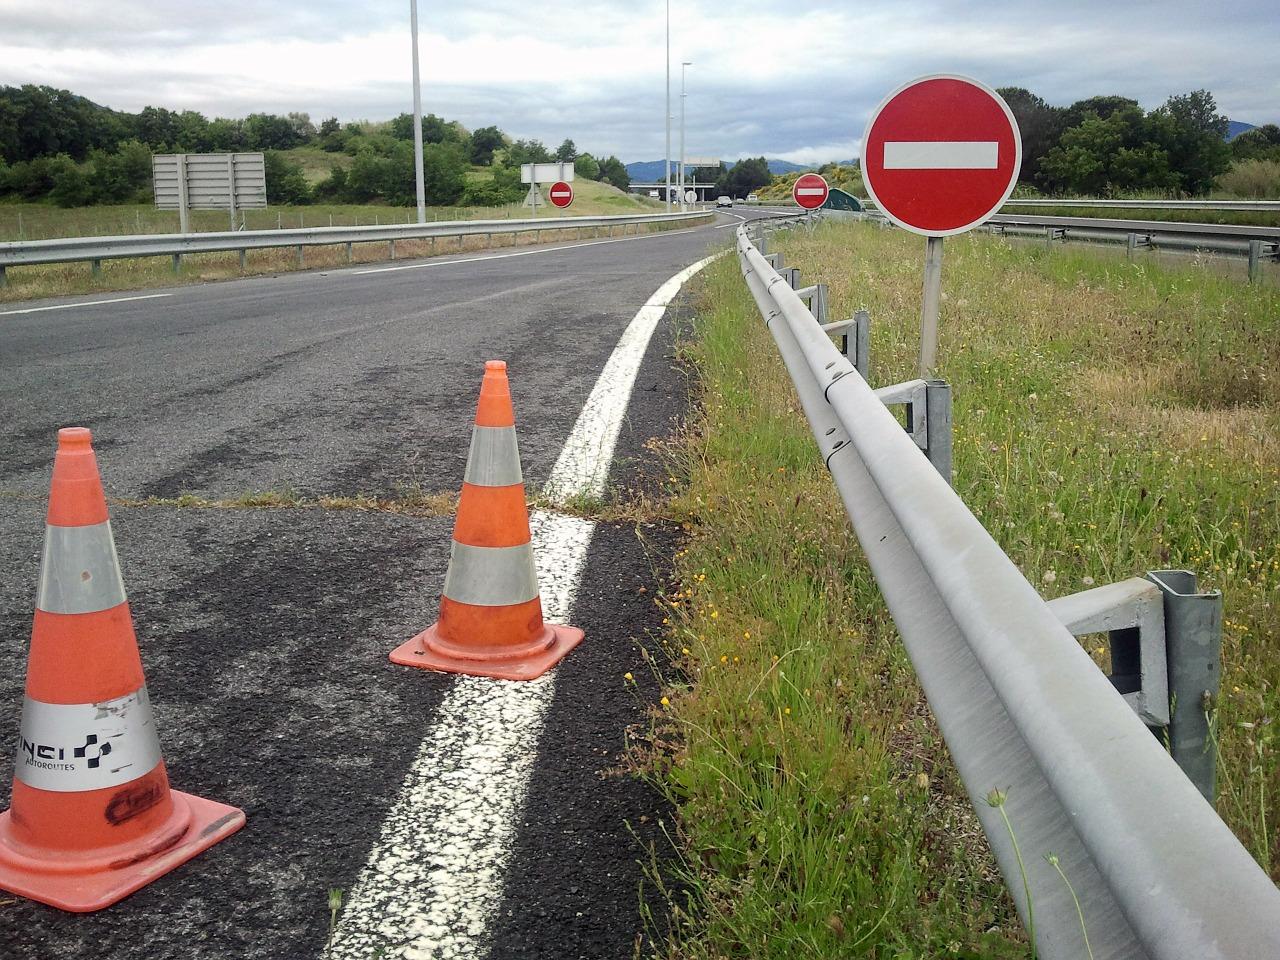 Dzięki jakim rozwiązaniom, kierowcy mogą bezpieczniej jeździć na drogach?